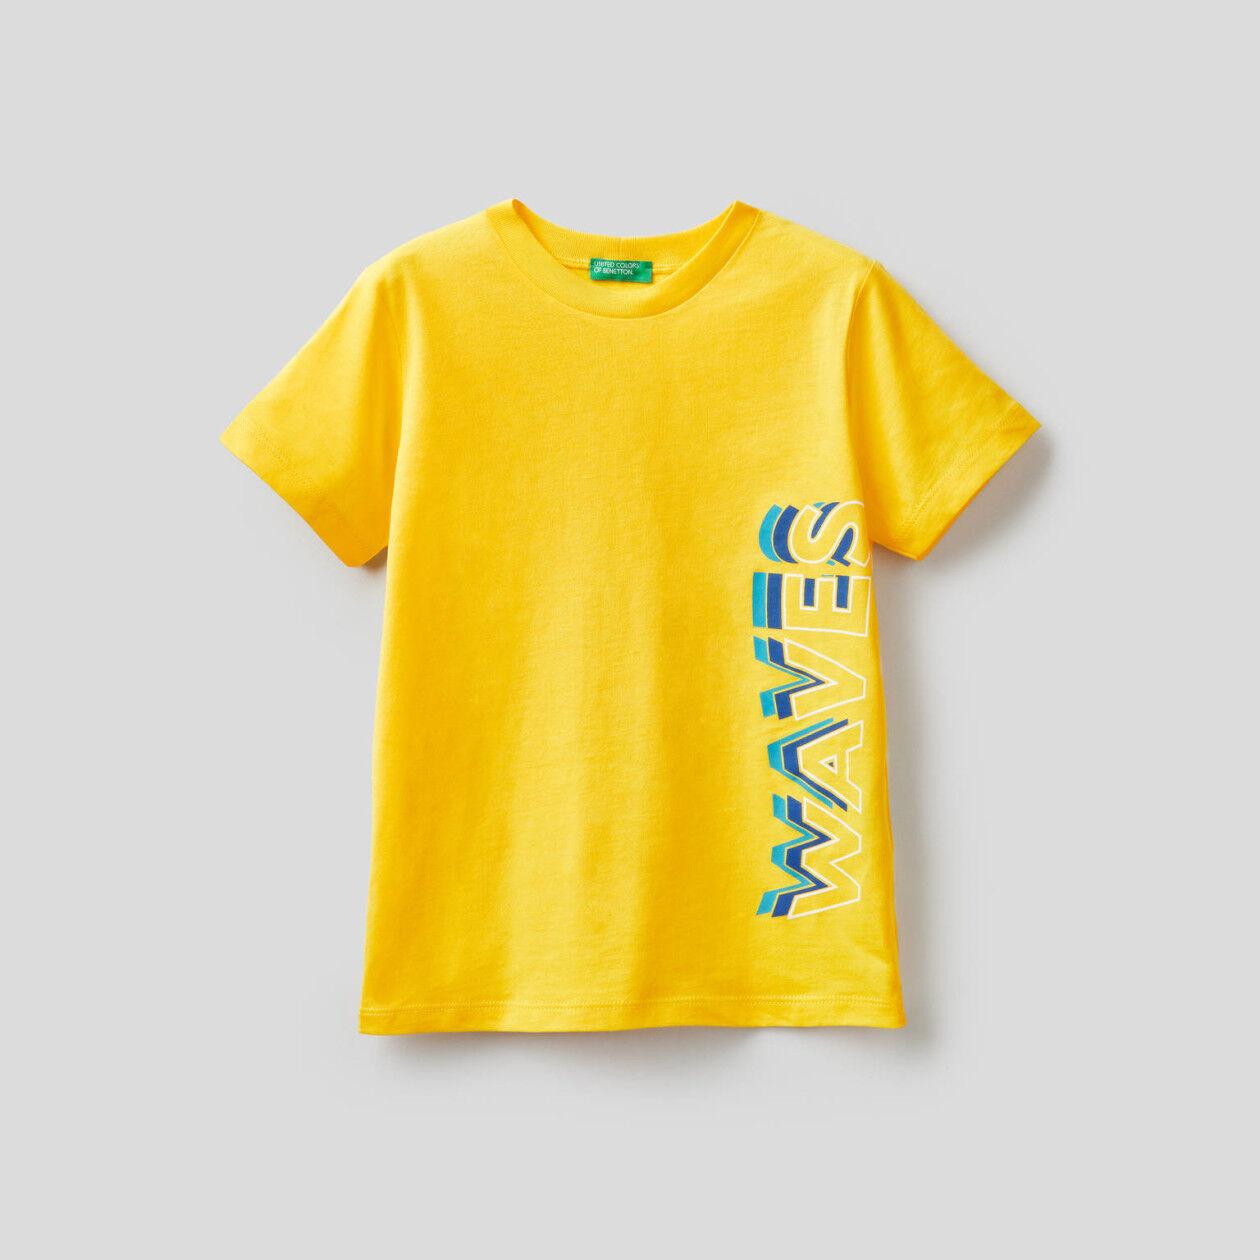 Μπλούζα από βαμβακερό με τύπωμα